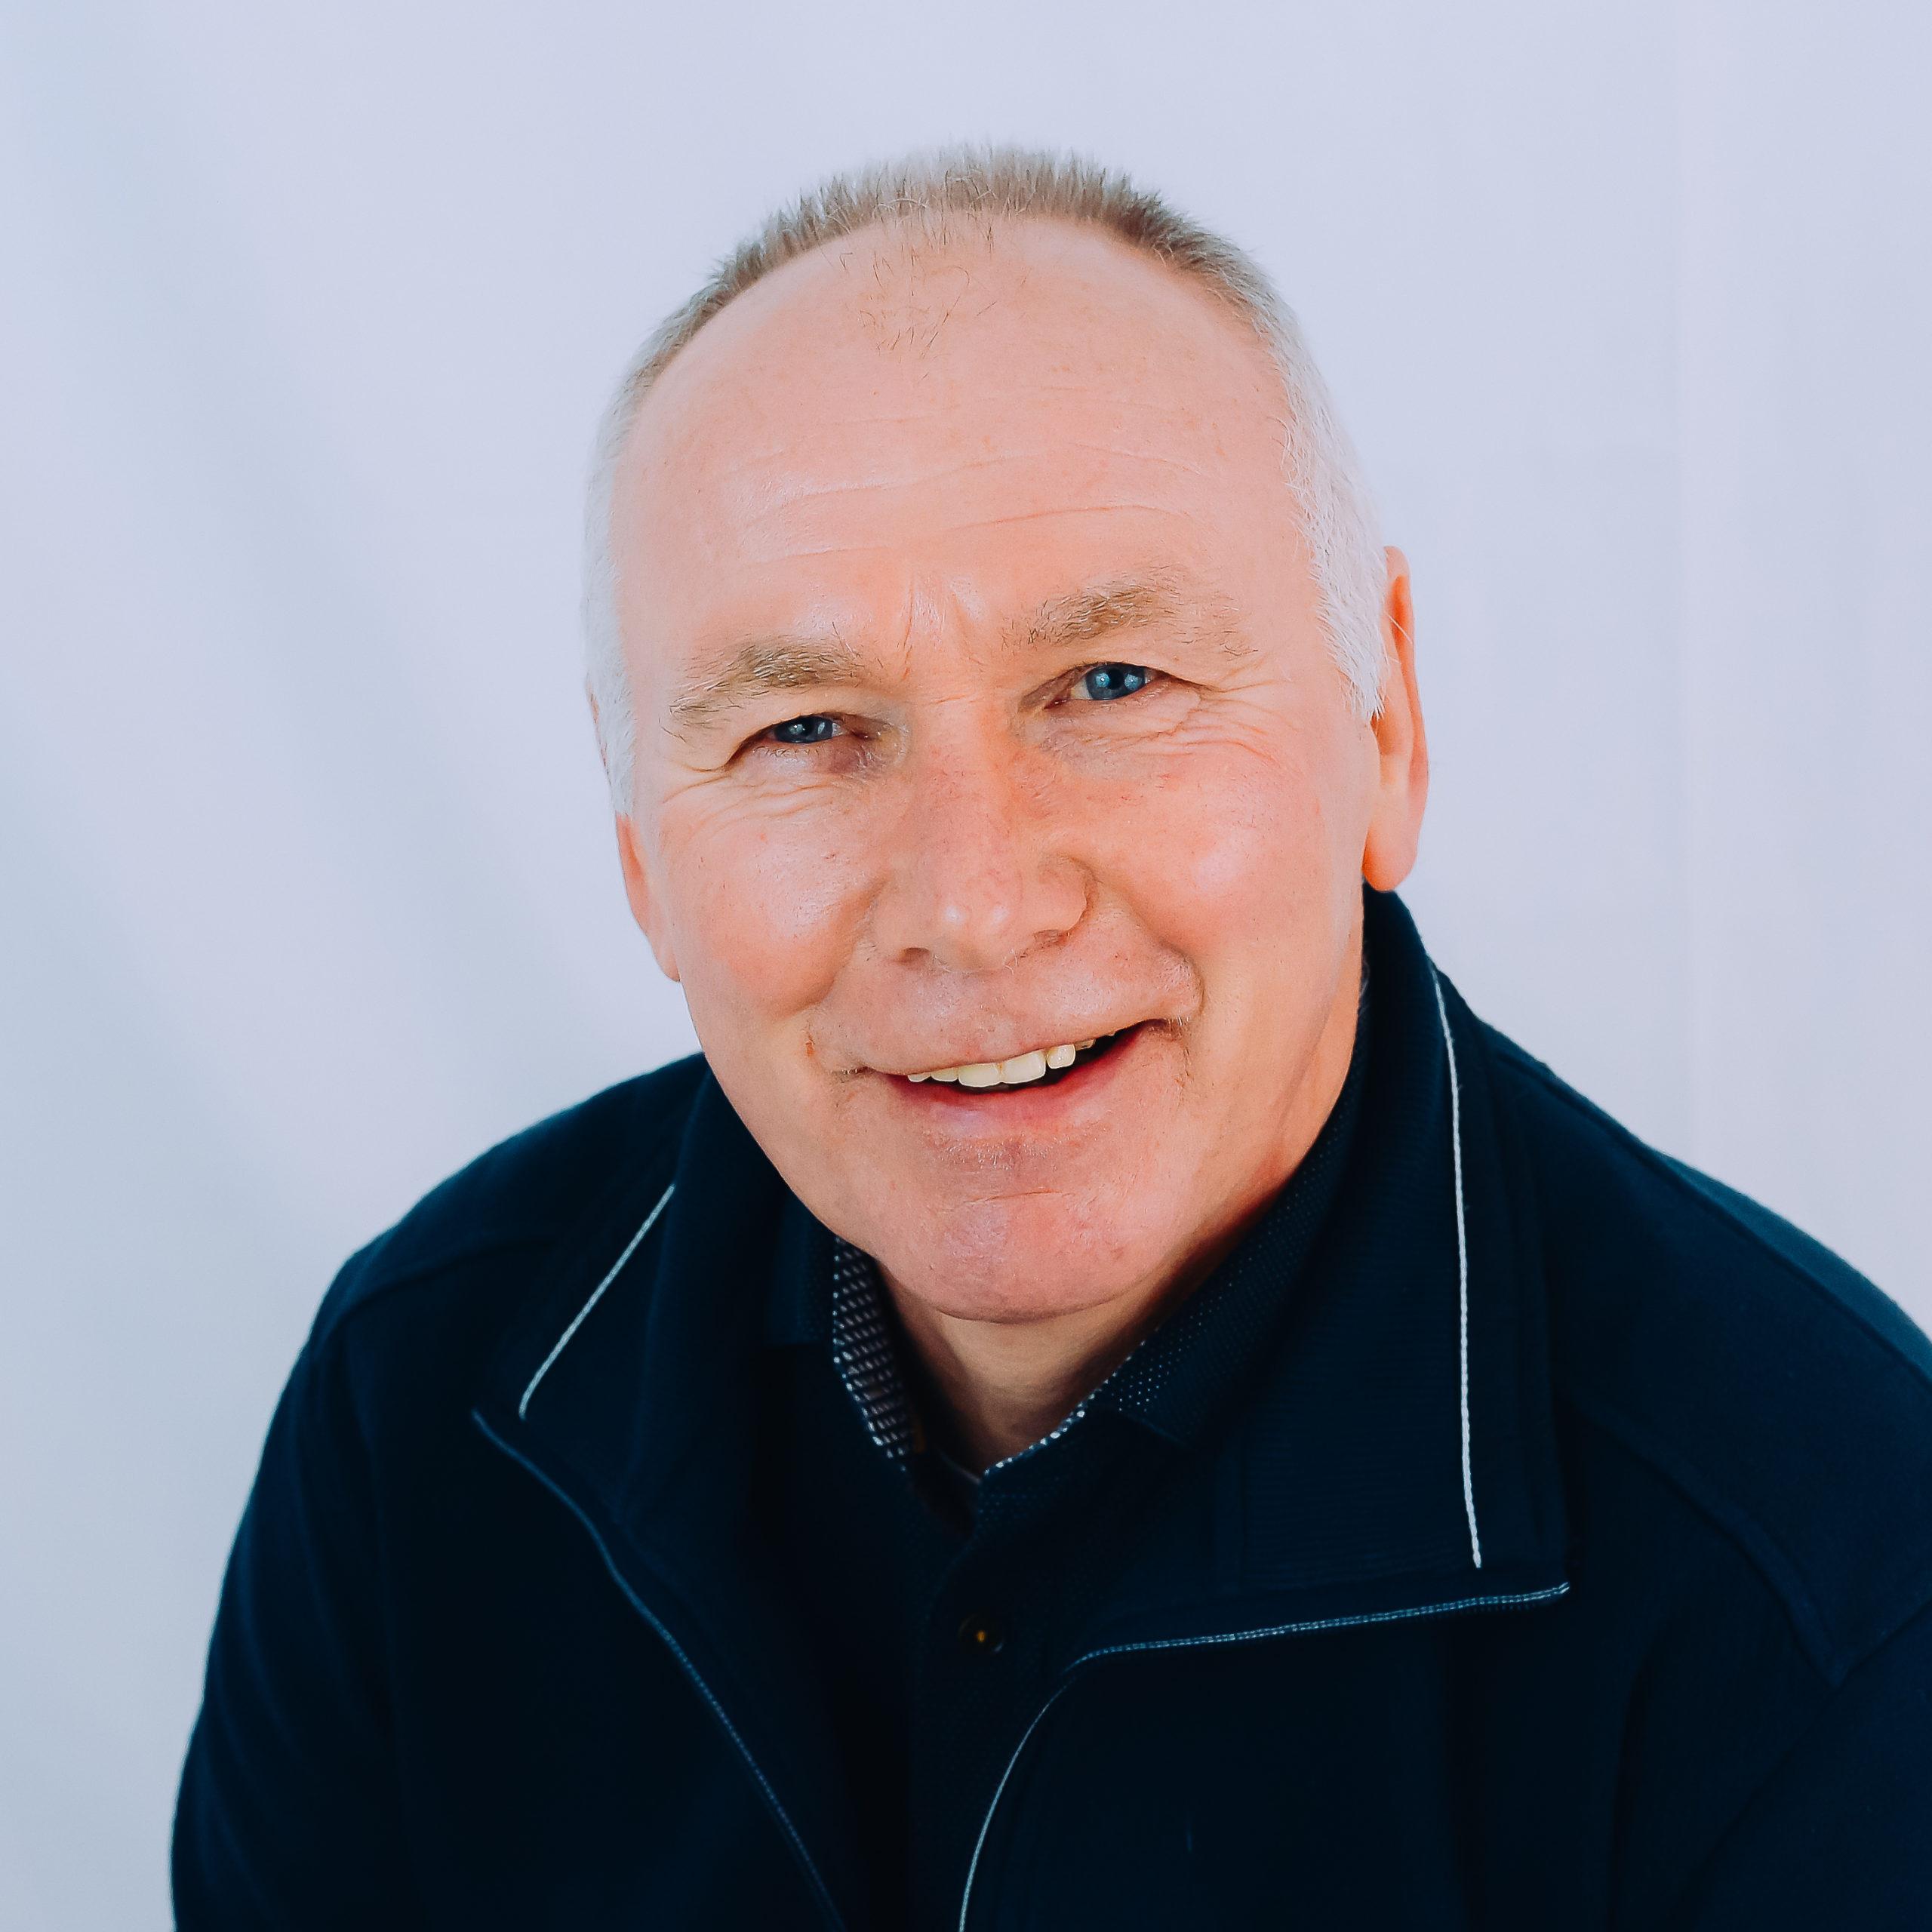 Michel Krijnsen